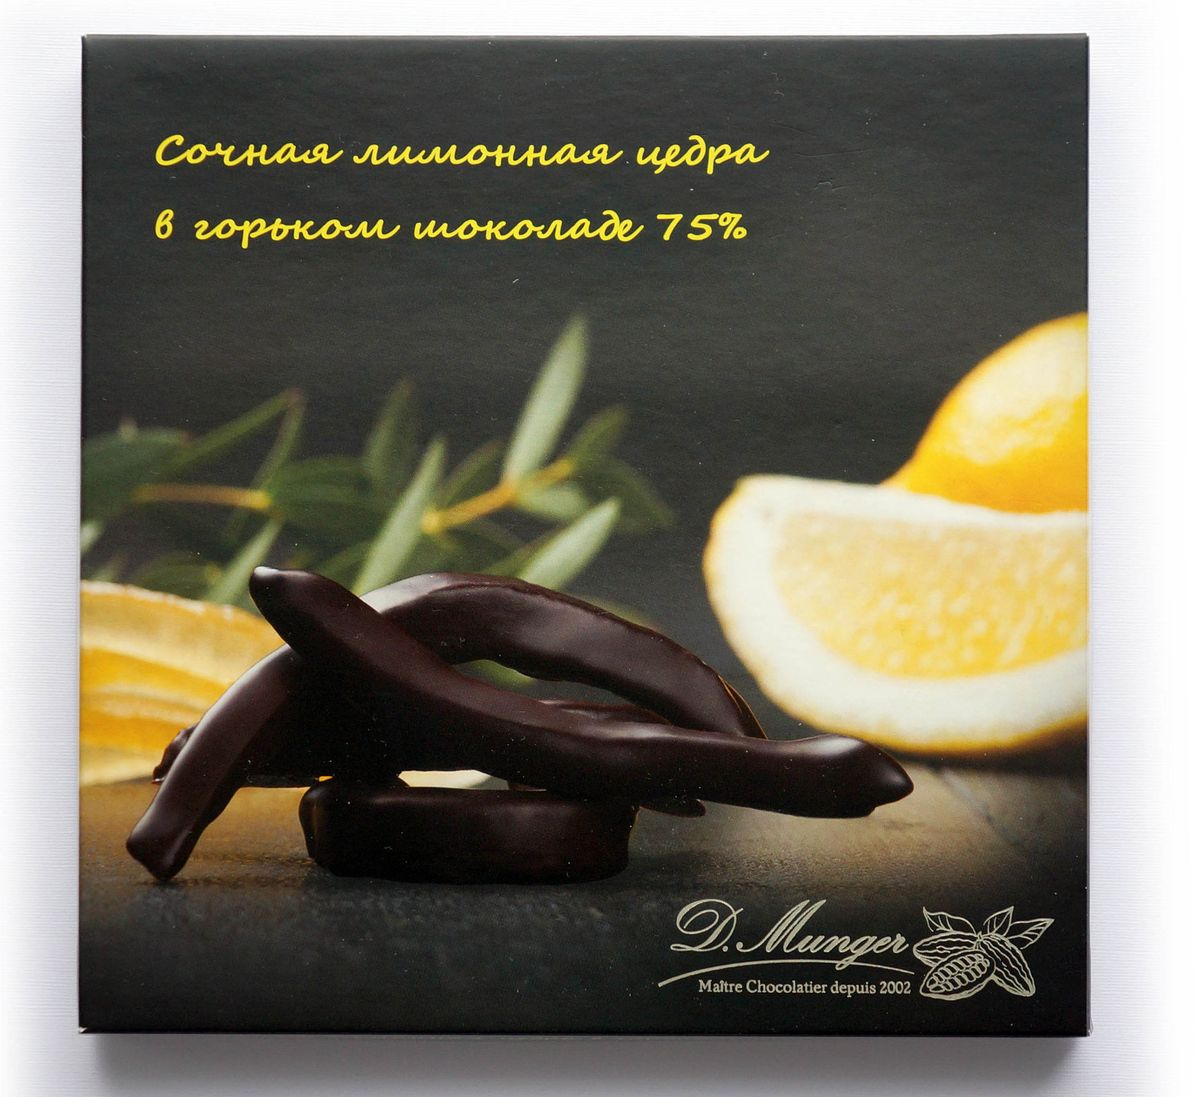 Chocolatier D.Munger цукаты лимона в горьком шоколаде, 100 г15066Цукаты лимона в горьком шоколаде Chocolatier D.Munger - это изысканный десерт, который придется по душе настоящим гурманам. Применяются цукаты, не придавленные экстракцией сока, в которых сохранилась все эфирные масла цедры. Цедру вручную отсоединяют из цельного плода сочных лимонов Амальфийского побережья. Цукаты не обсыпаны в декстрозе. Натуральную горечь цукатов подчеркивает тонкий слой 75% горького шоколада, основой которого являются терпкие какао-бобы лучших ганских плантаций.